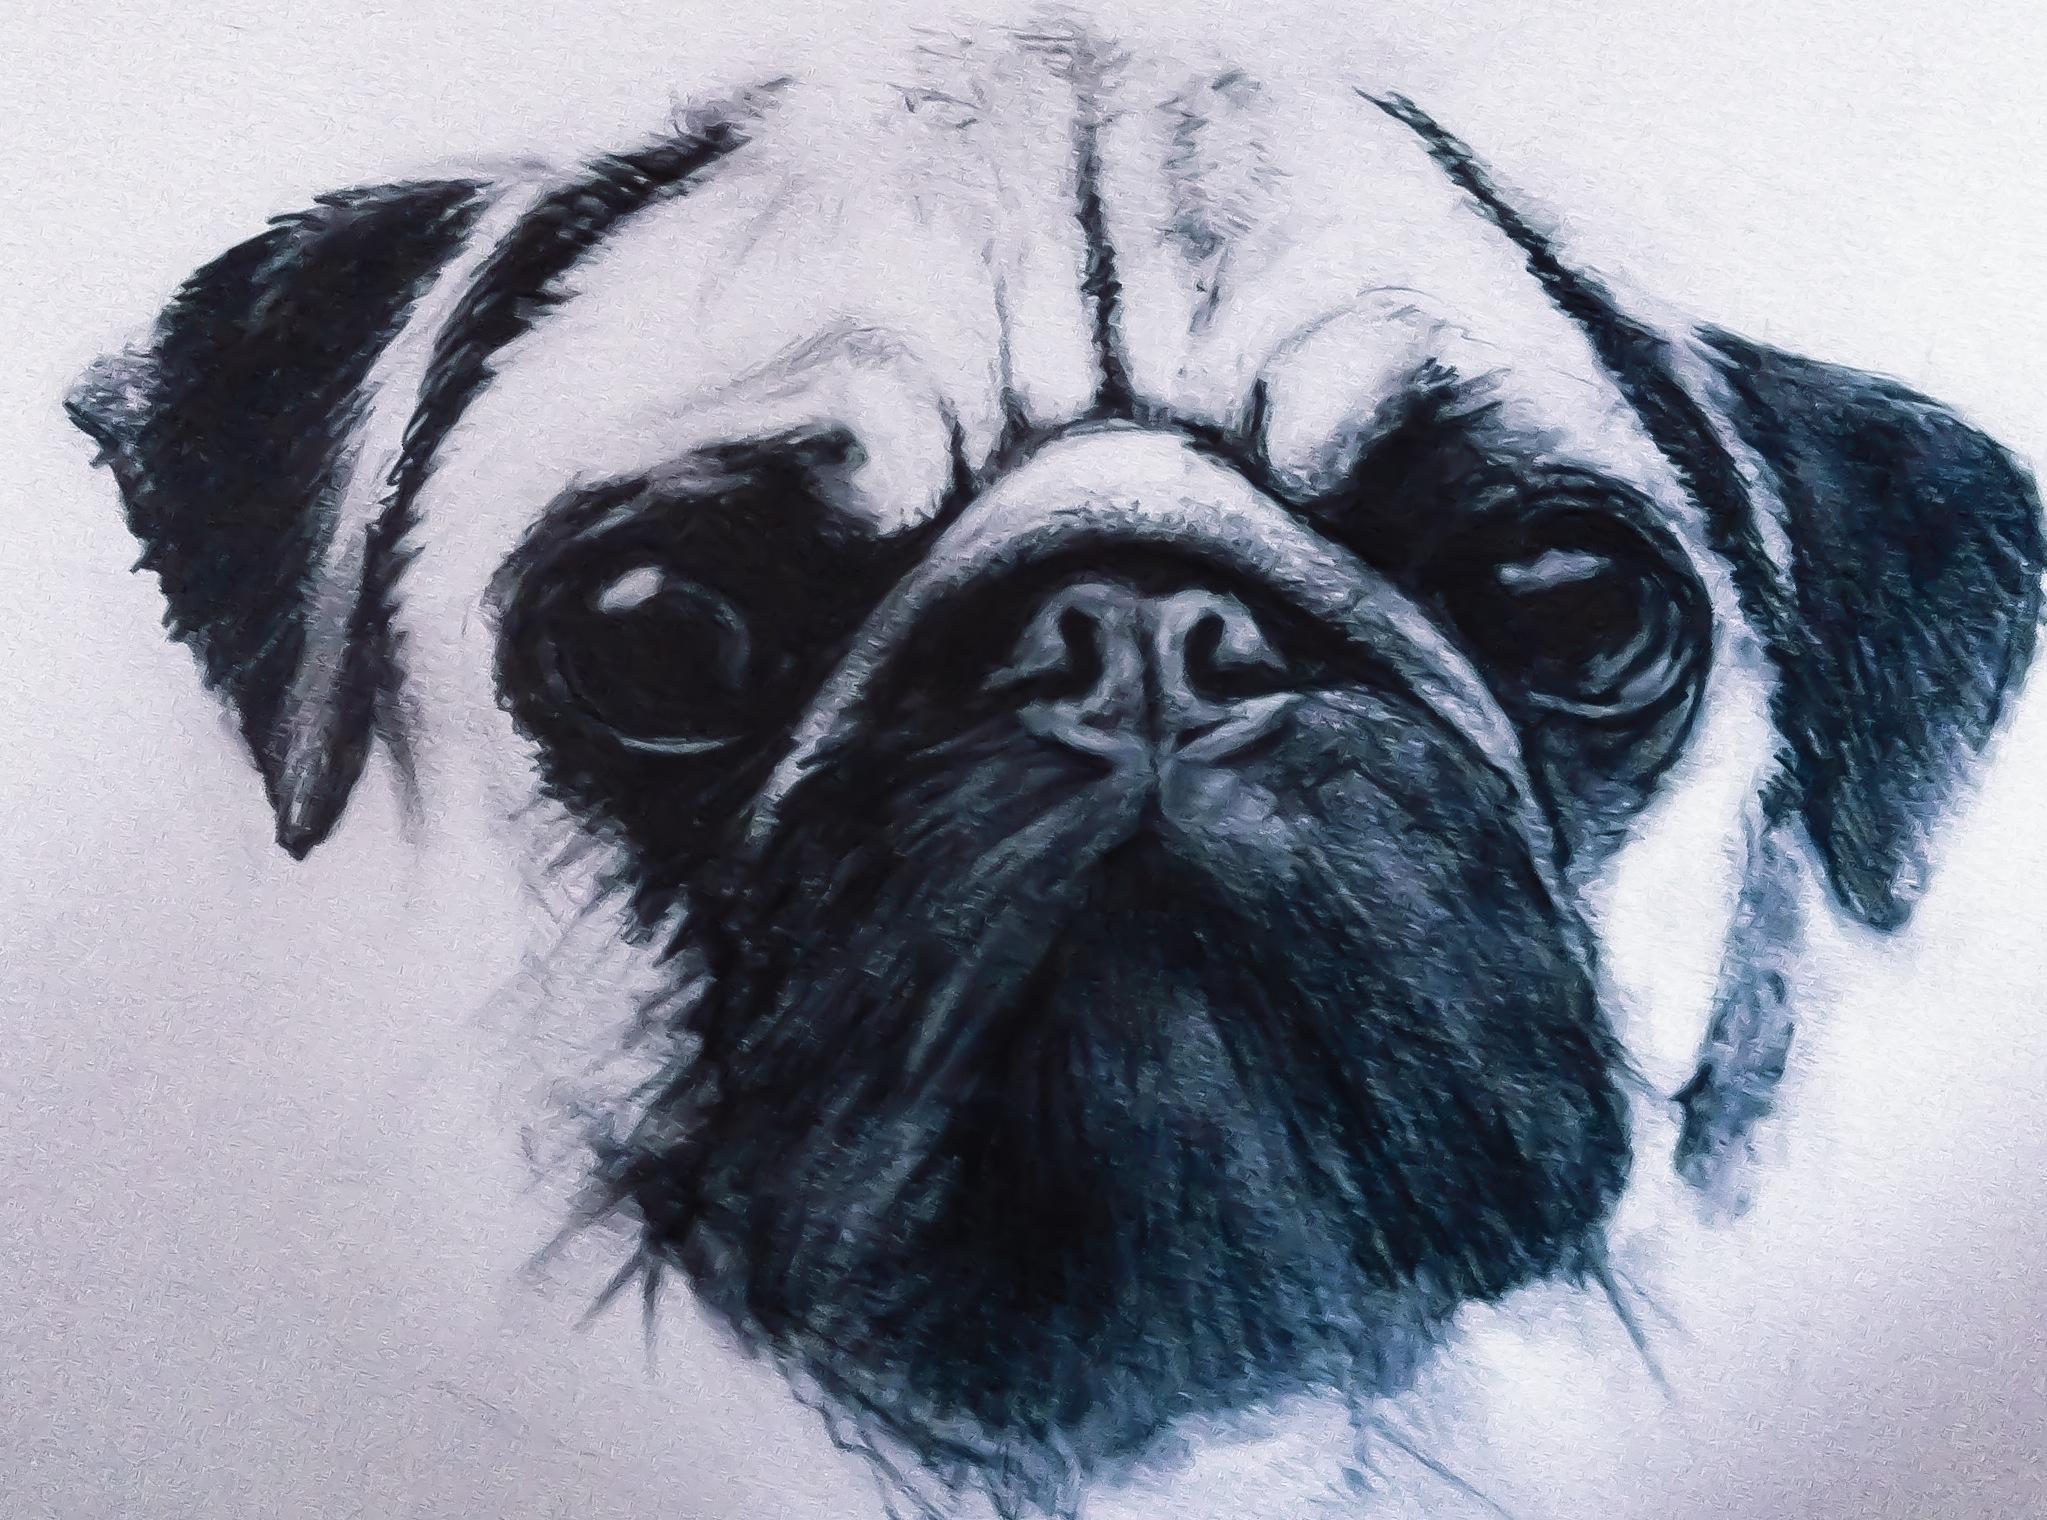 2047x1520 Pug Sketch, Pencil Drawing, Art, Pencil Sketch, Sketch, Dog